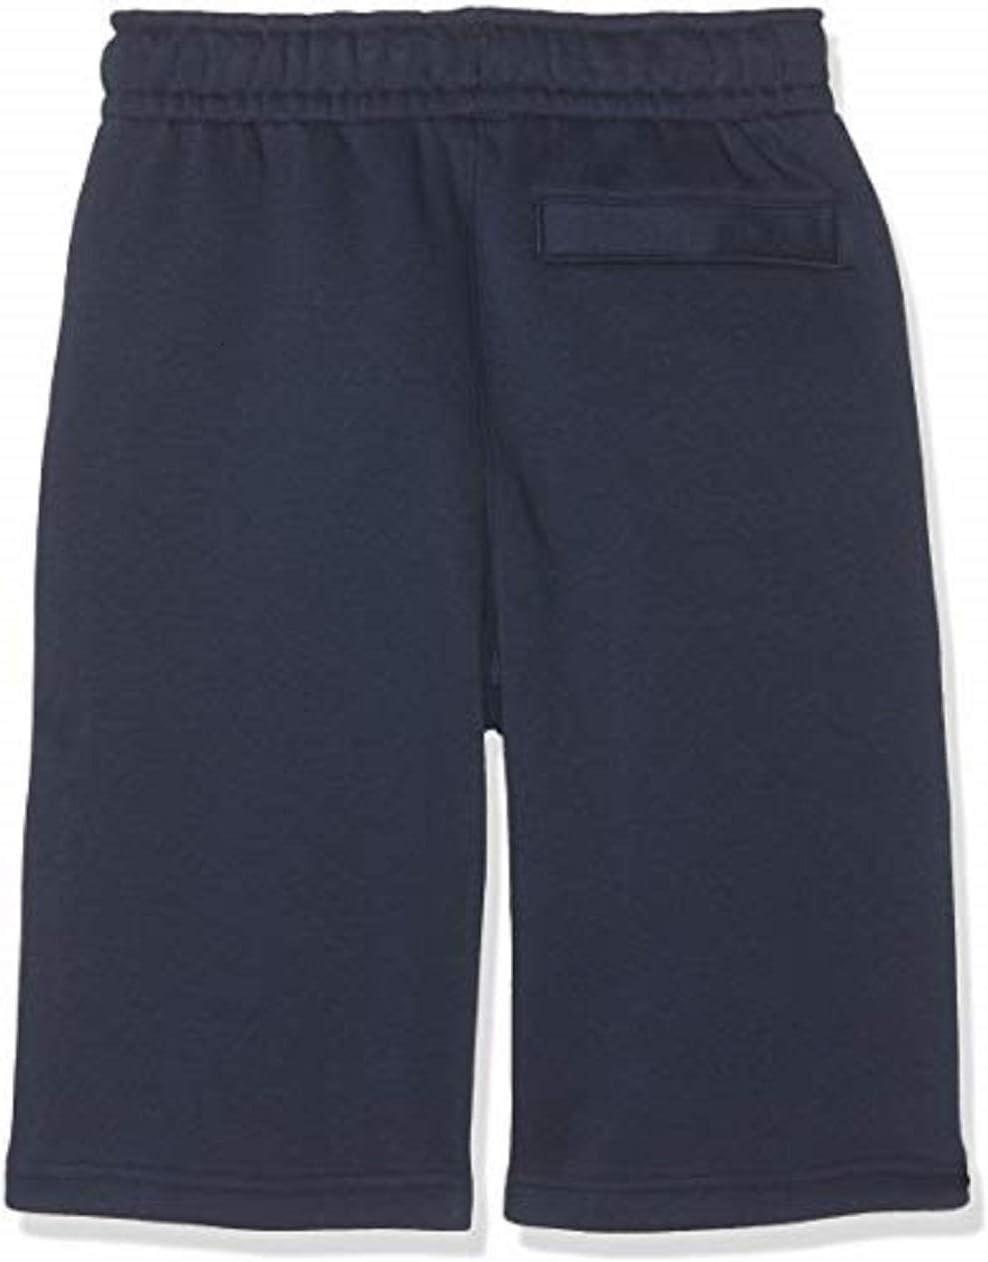 NIKE Y Short FLC TM Club19 Pantalones Cortos de Deporte Ni/ños